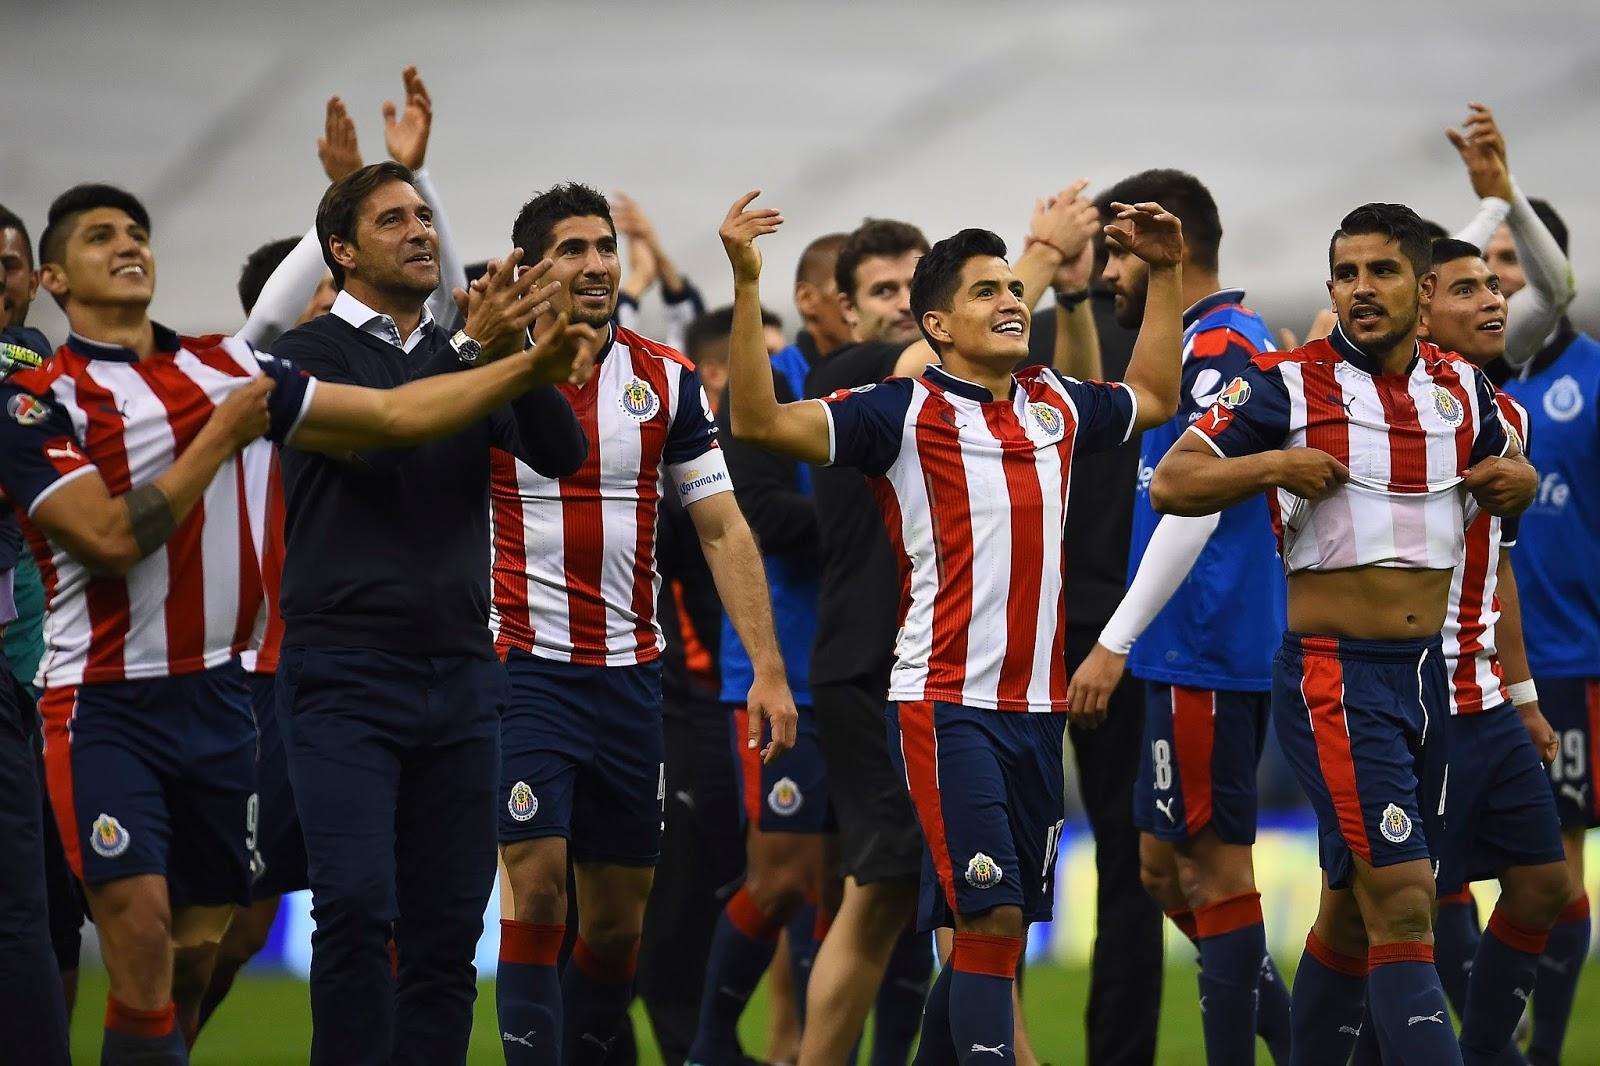 Chivas festeja el triunfo en semifinales de la Copa MX.